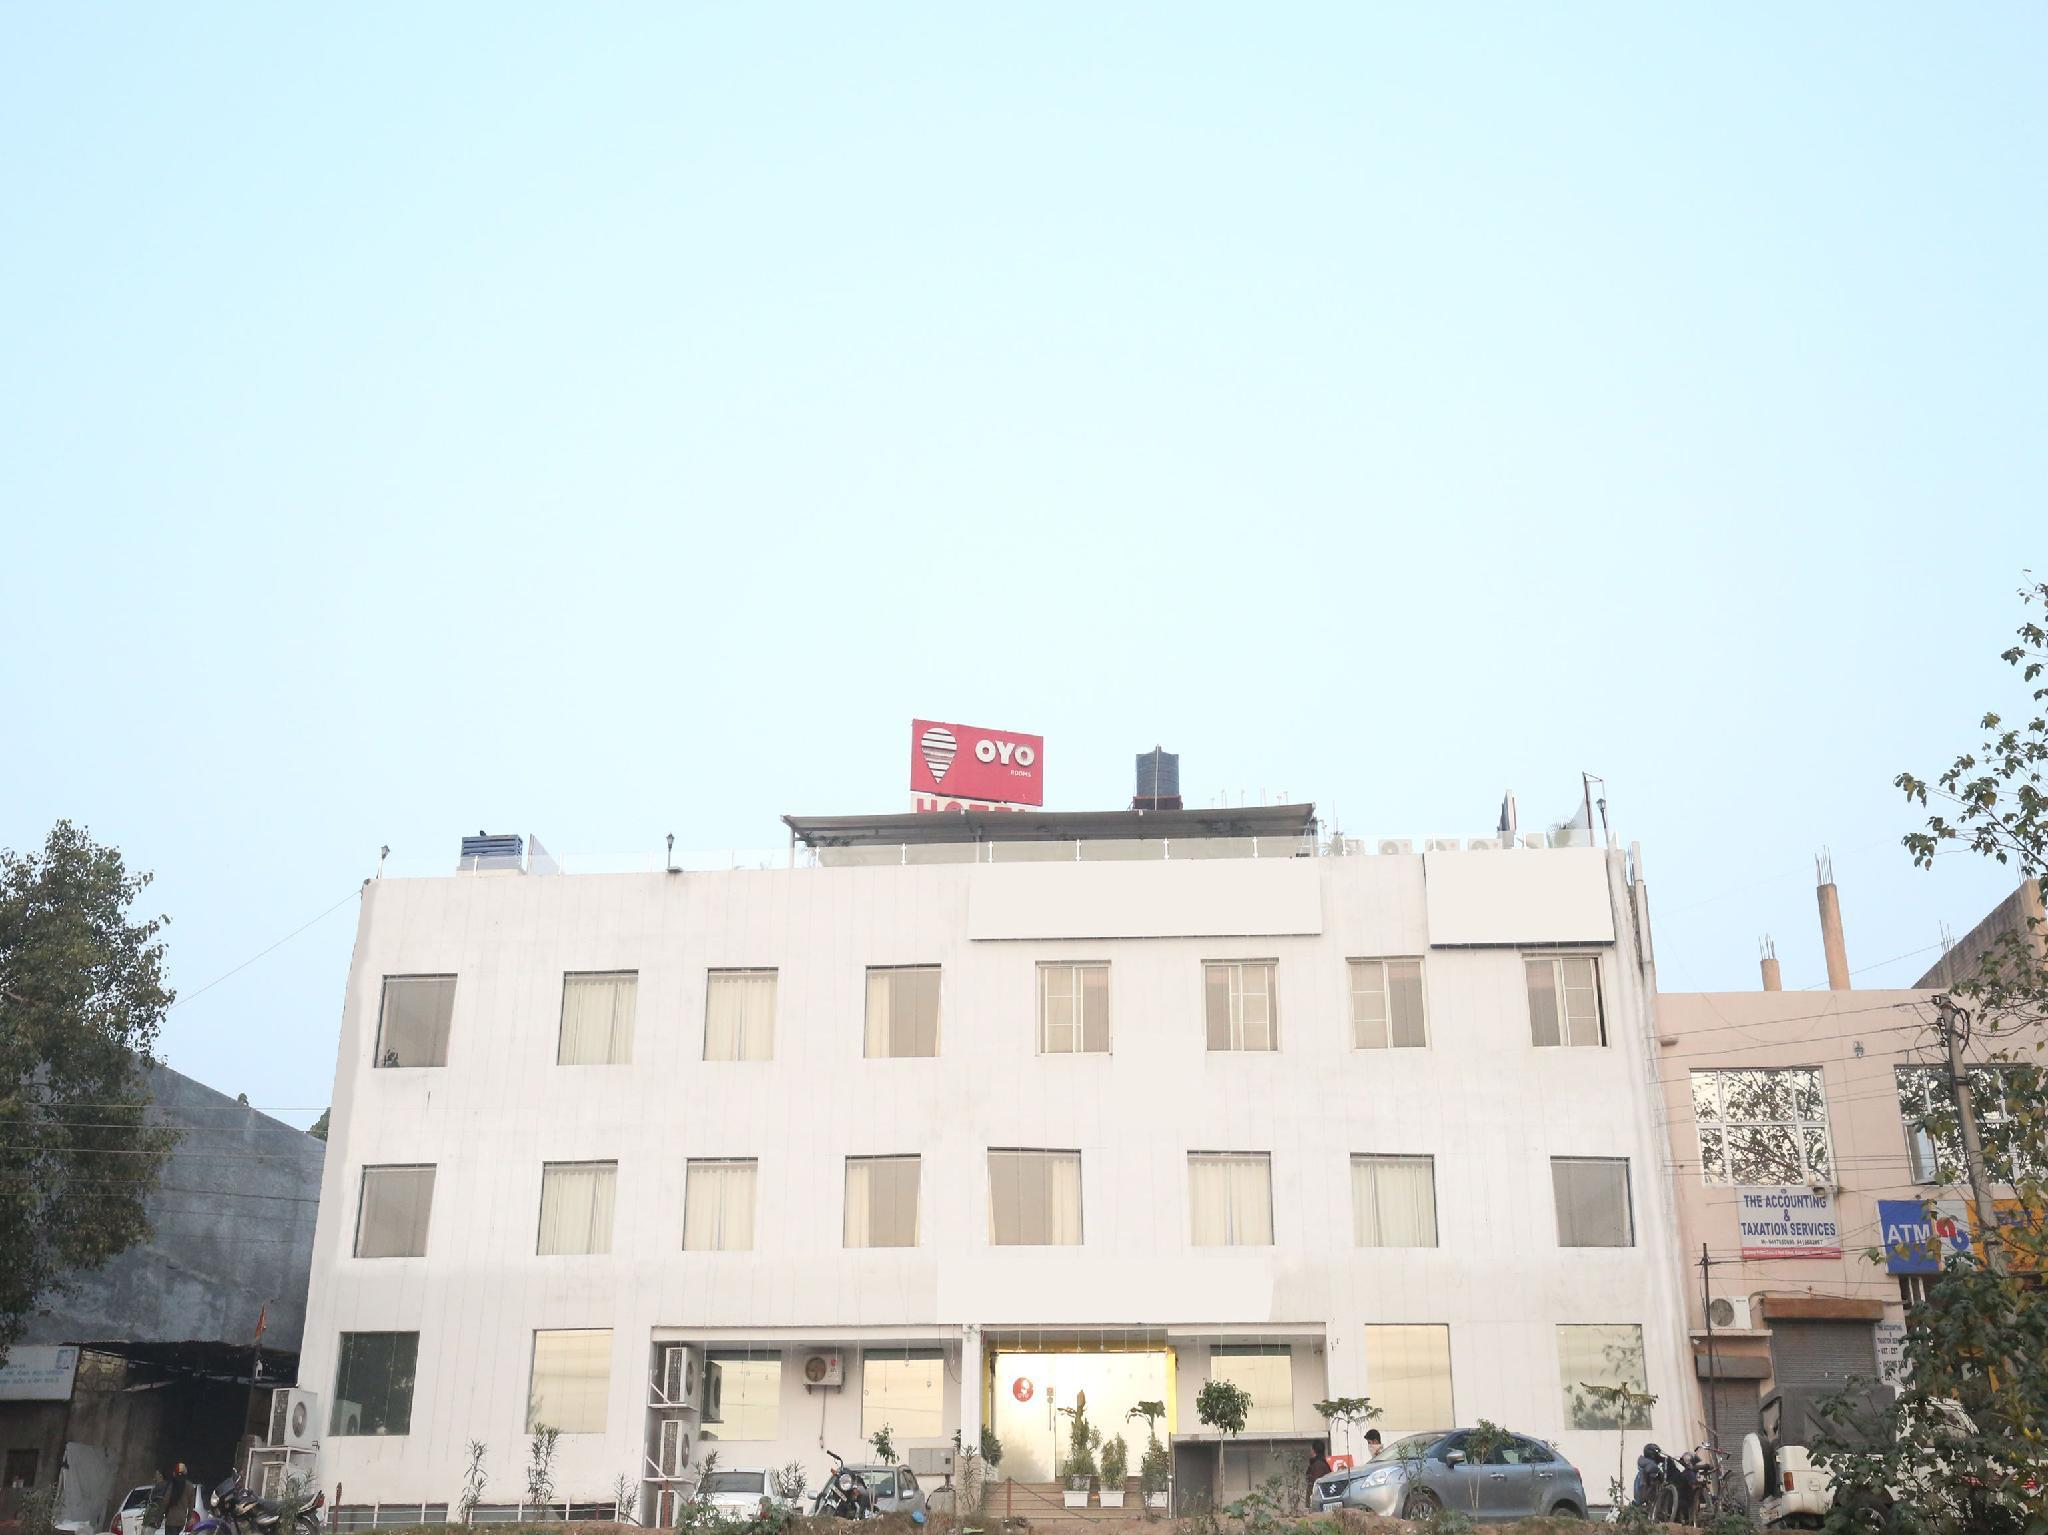 OYO 3712 Chandigarh Grand